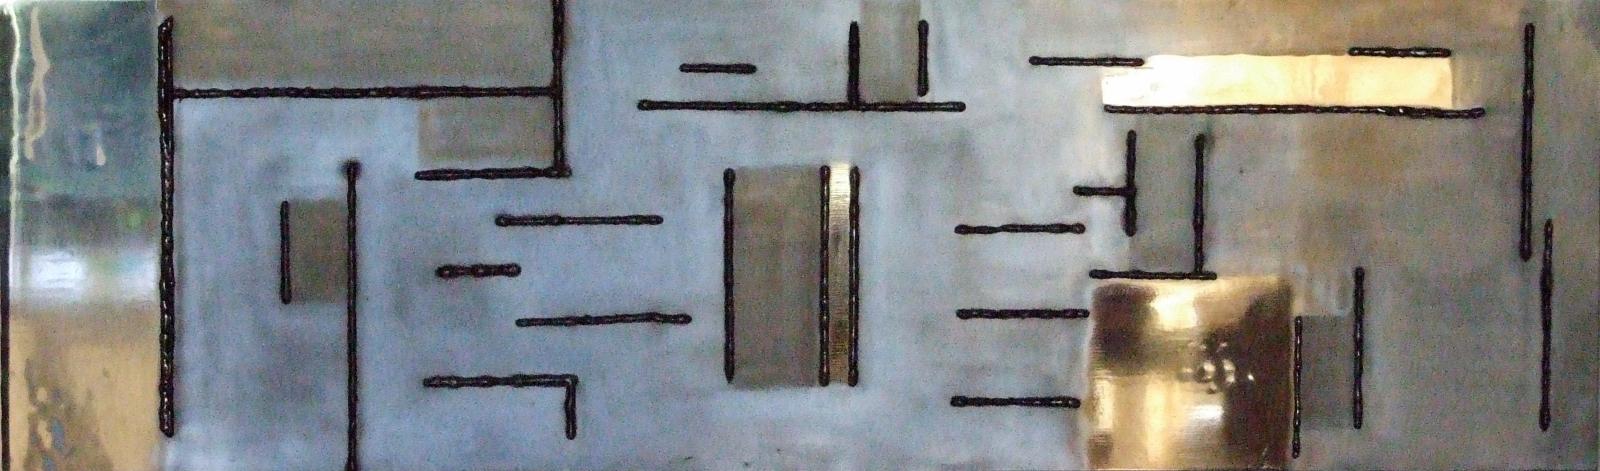 Compositie 1 | metaal | 33*120 | 2011